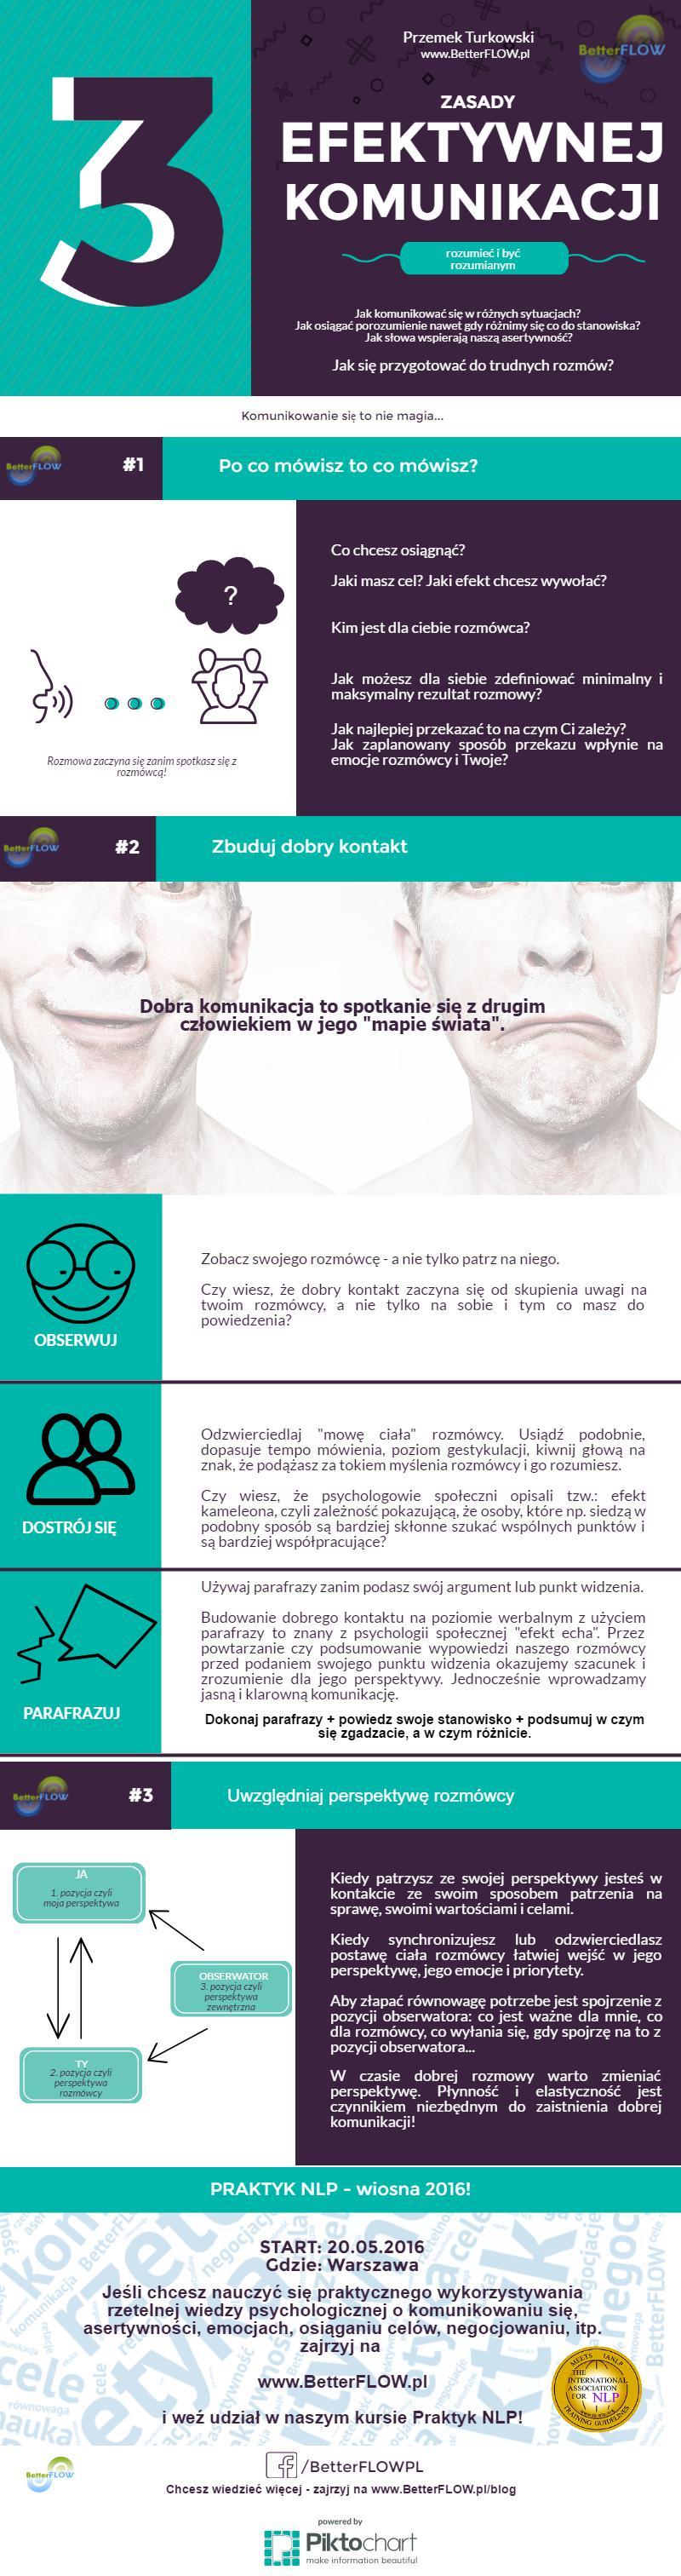 3-zasady-efektywnej-komunikacji (1)